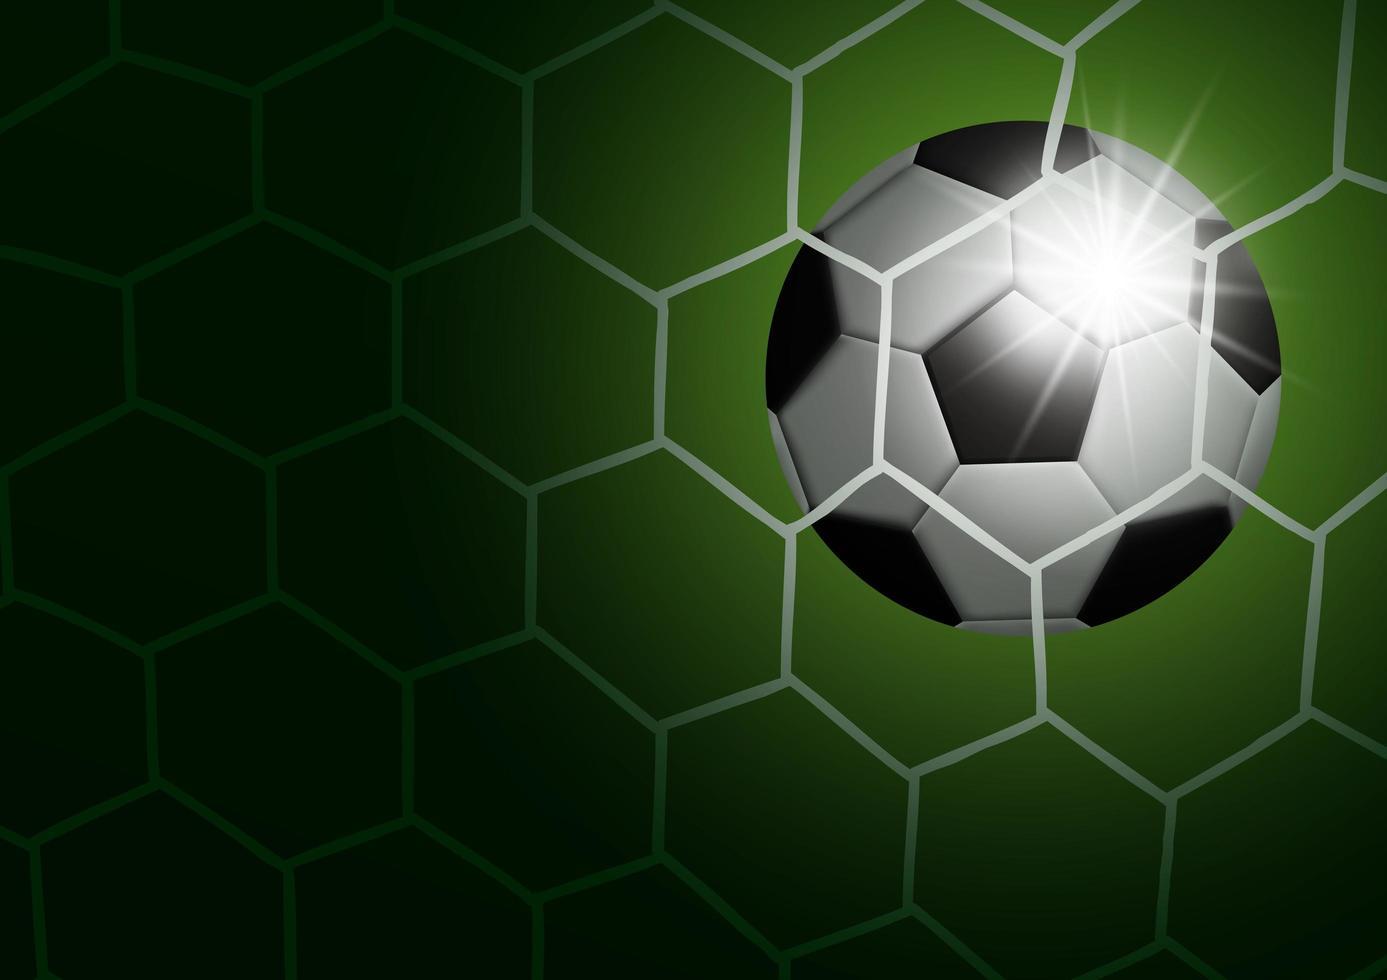 fotboll i mål på grönt vektor